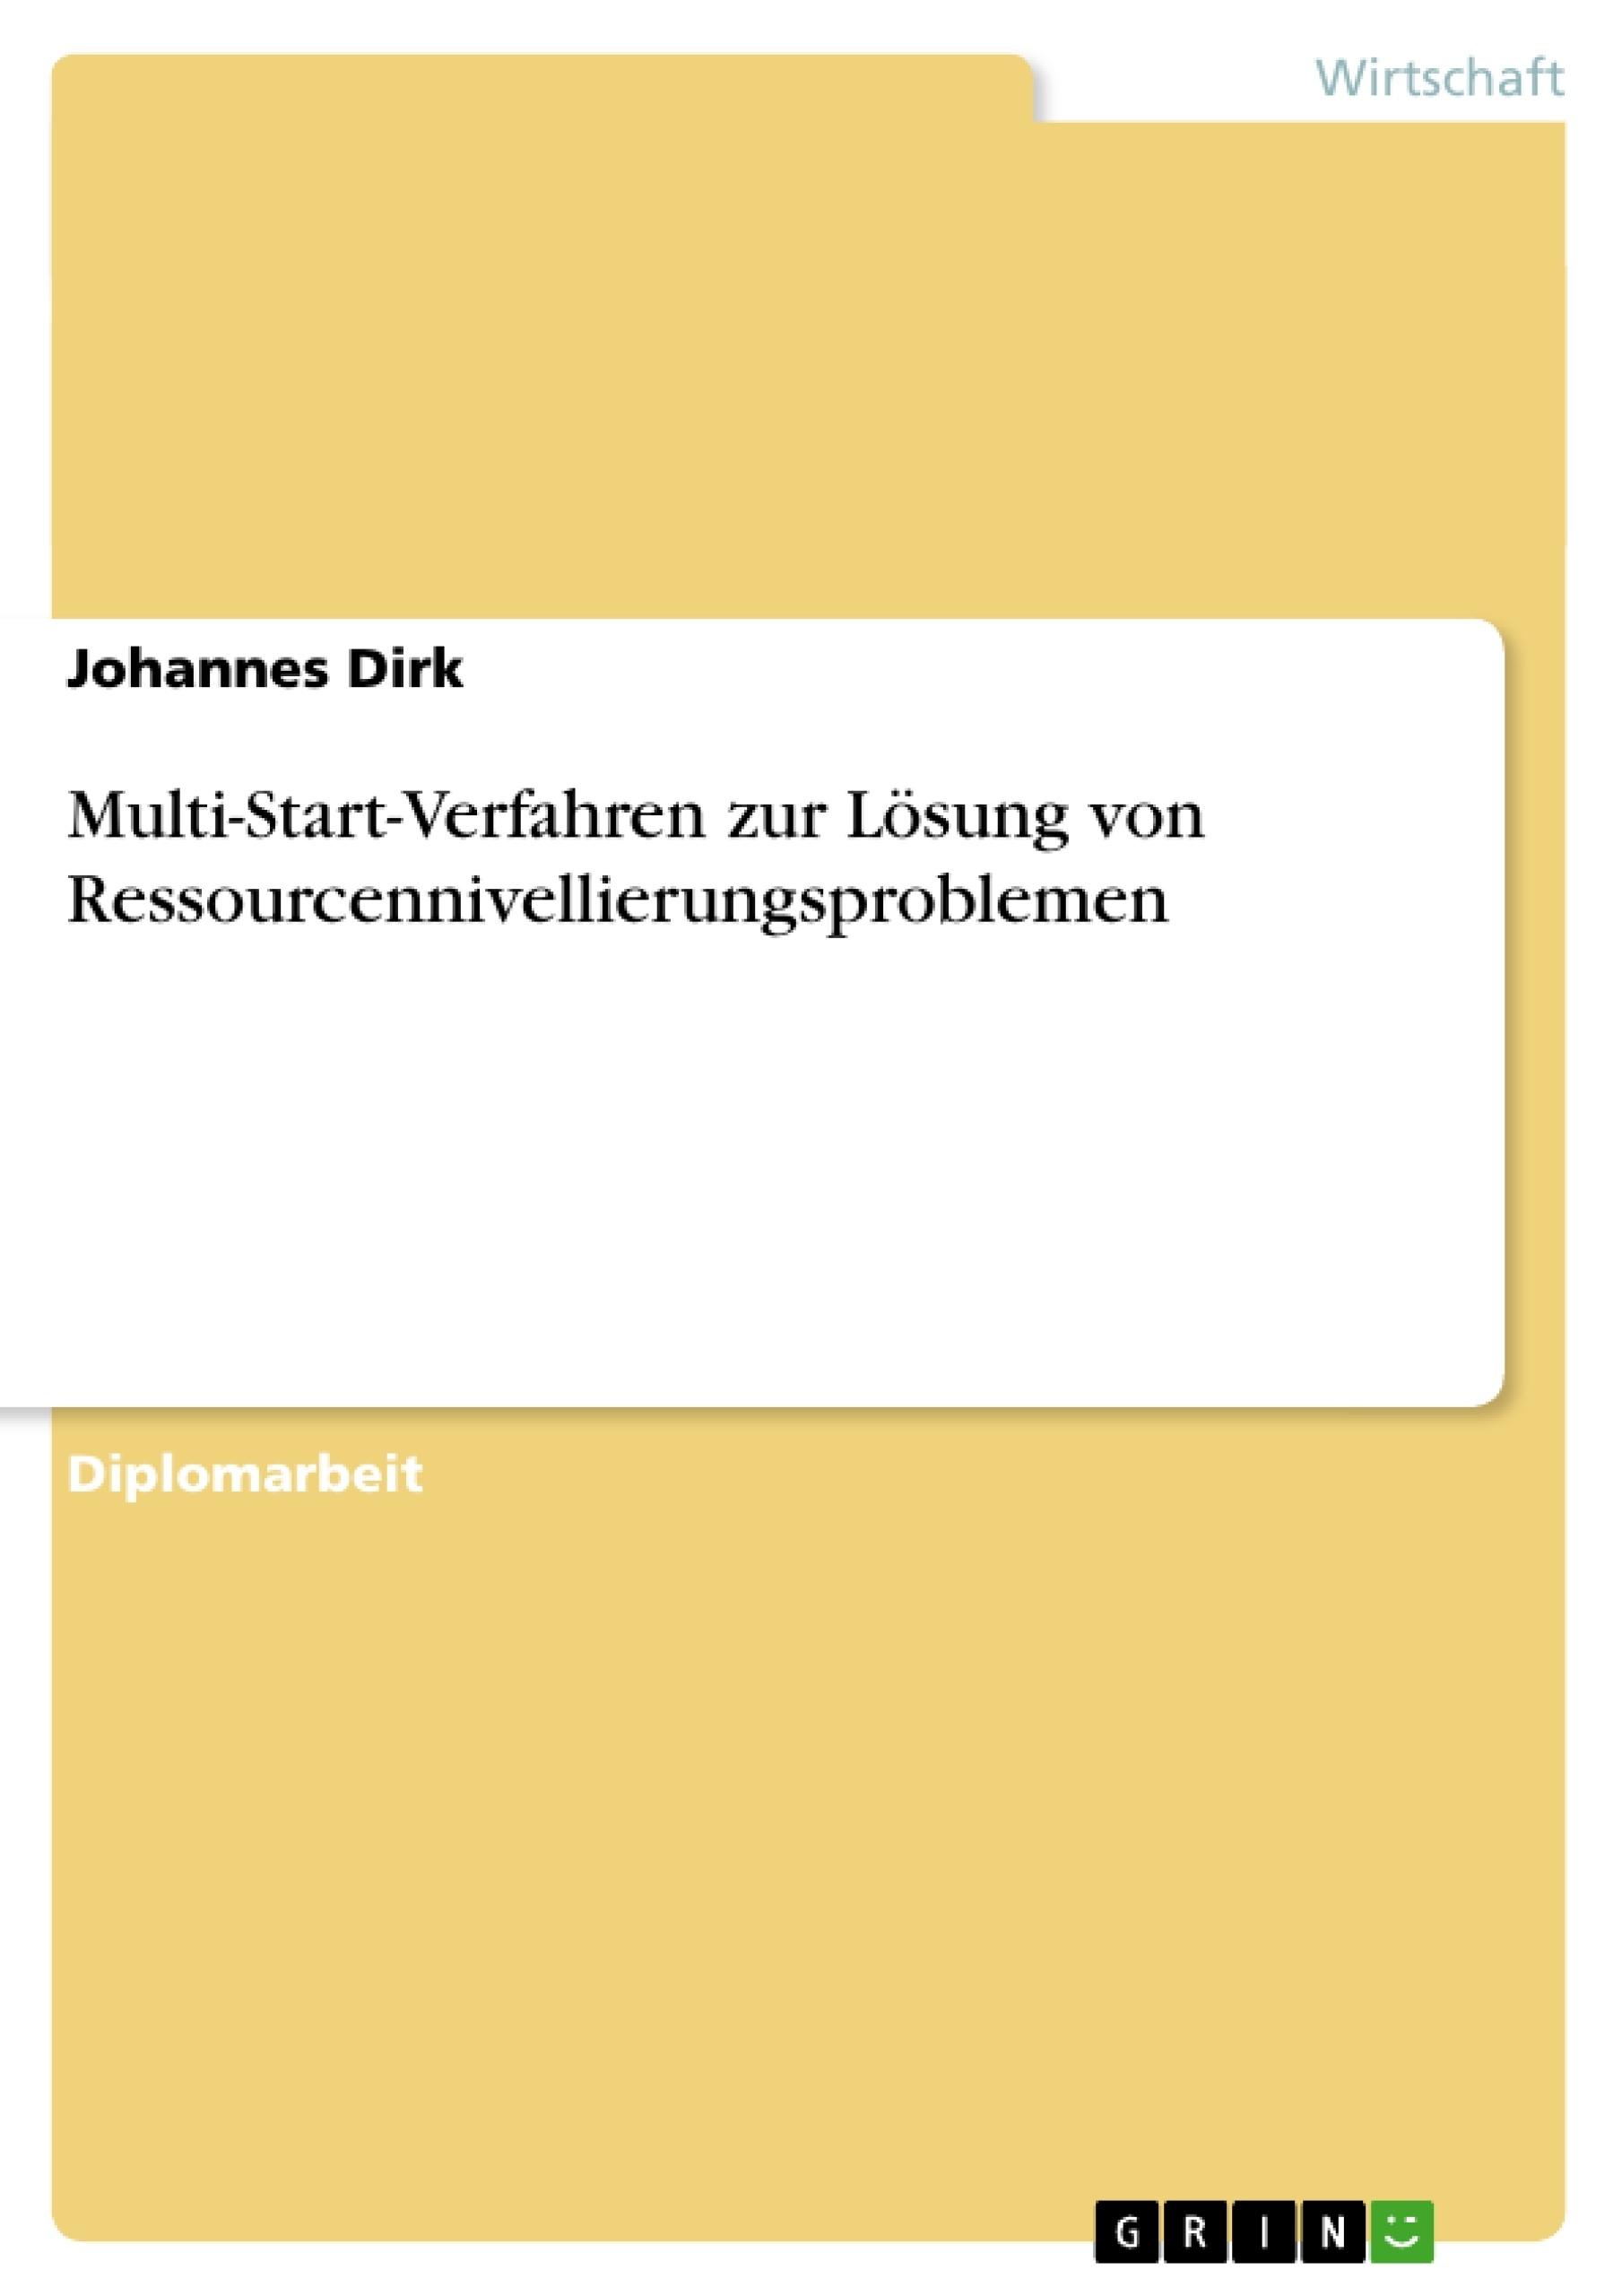 Titel: Multi-Start-Verfahren zur Lösung von Ressourcennivellierungsproblemen